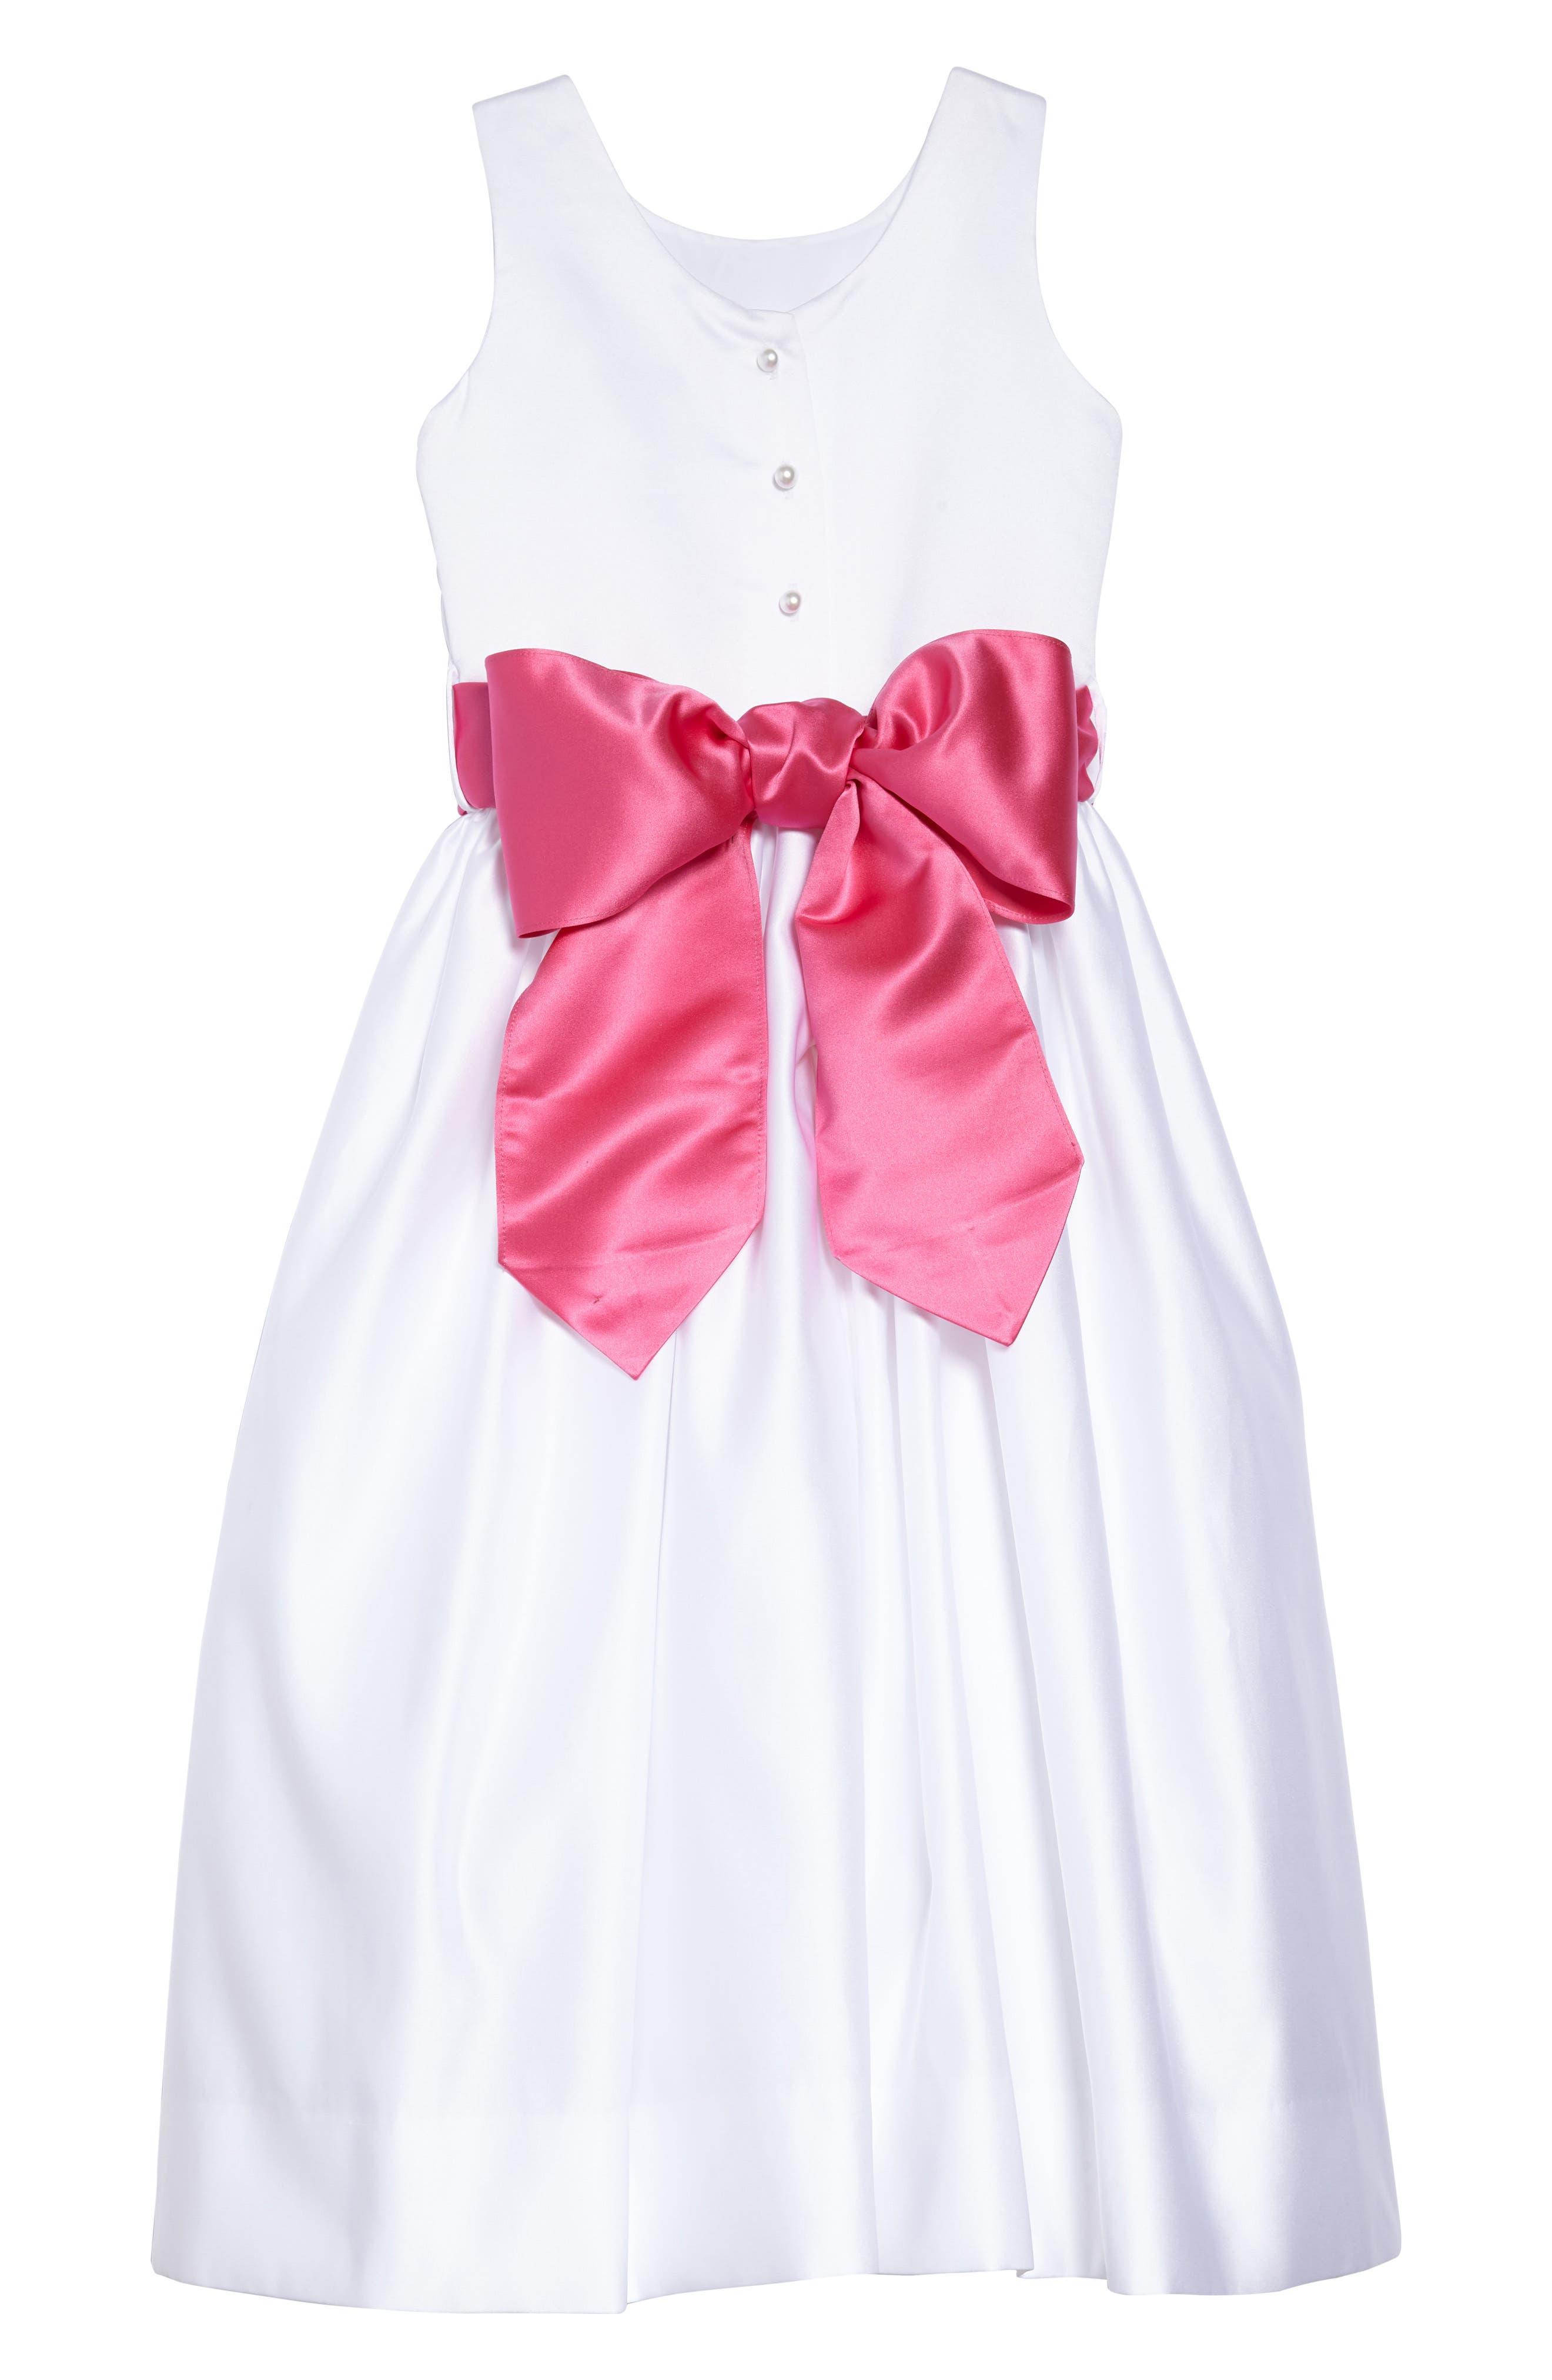 White Tank Dress with Satin Sash,                             Alternate thumbnail 2, color,                             White/ fuchsia